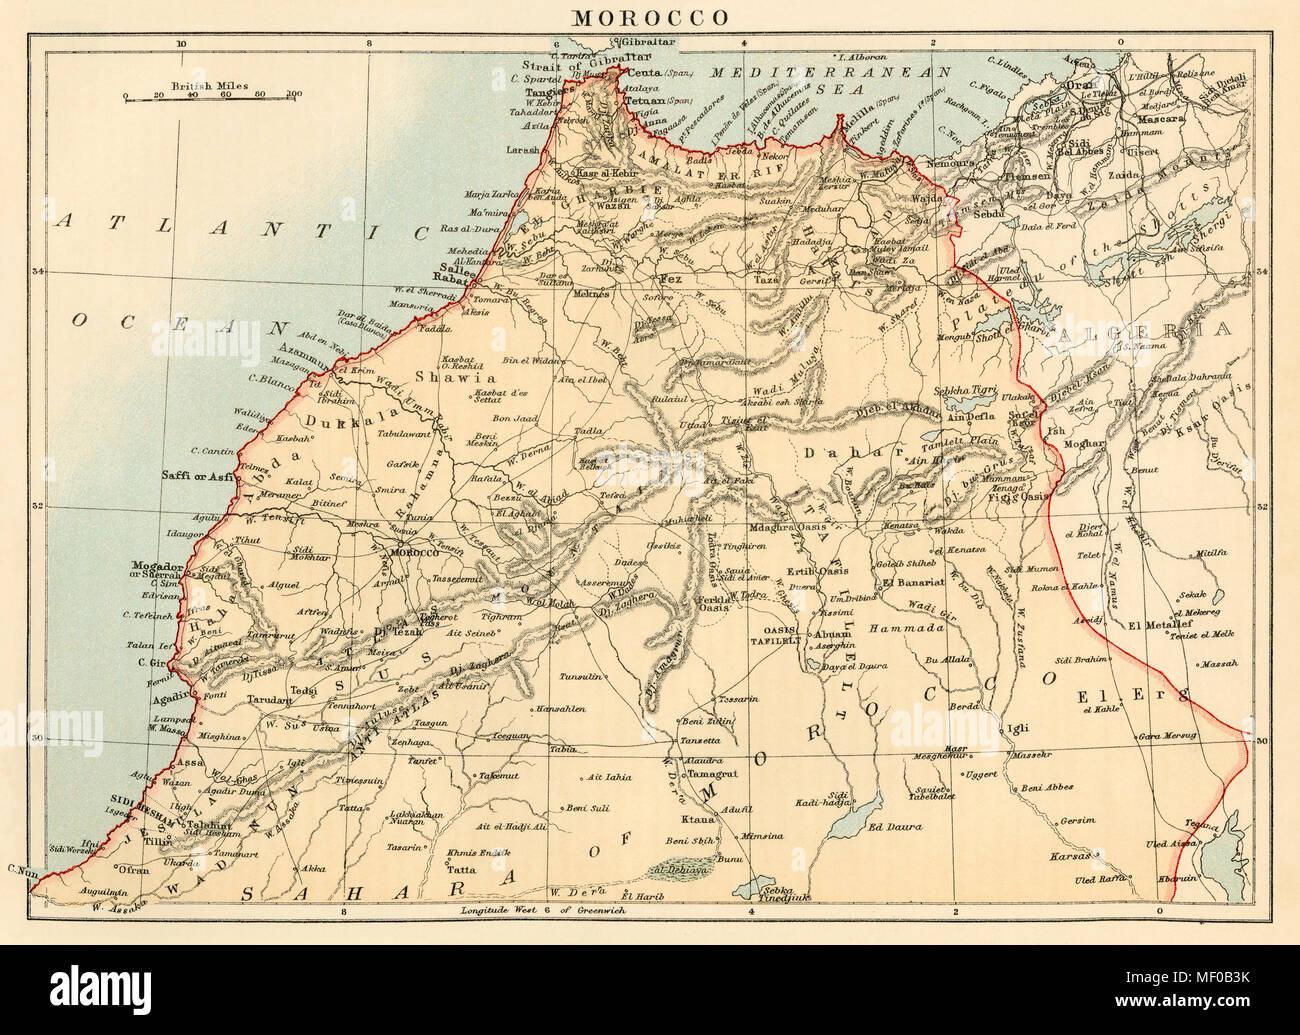 Cartina Dettagliata Marocco